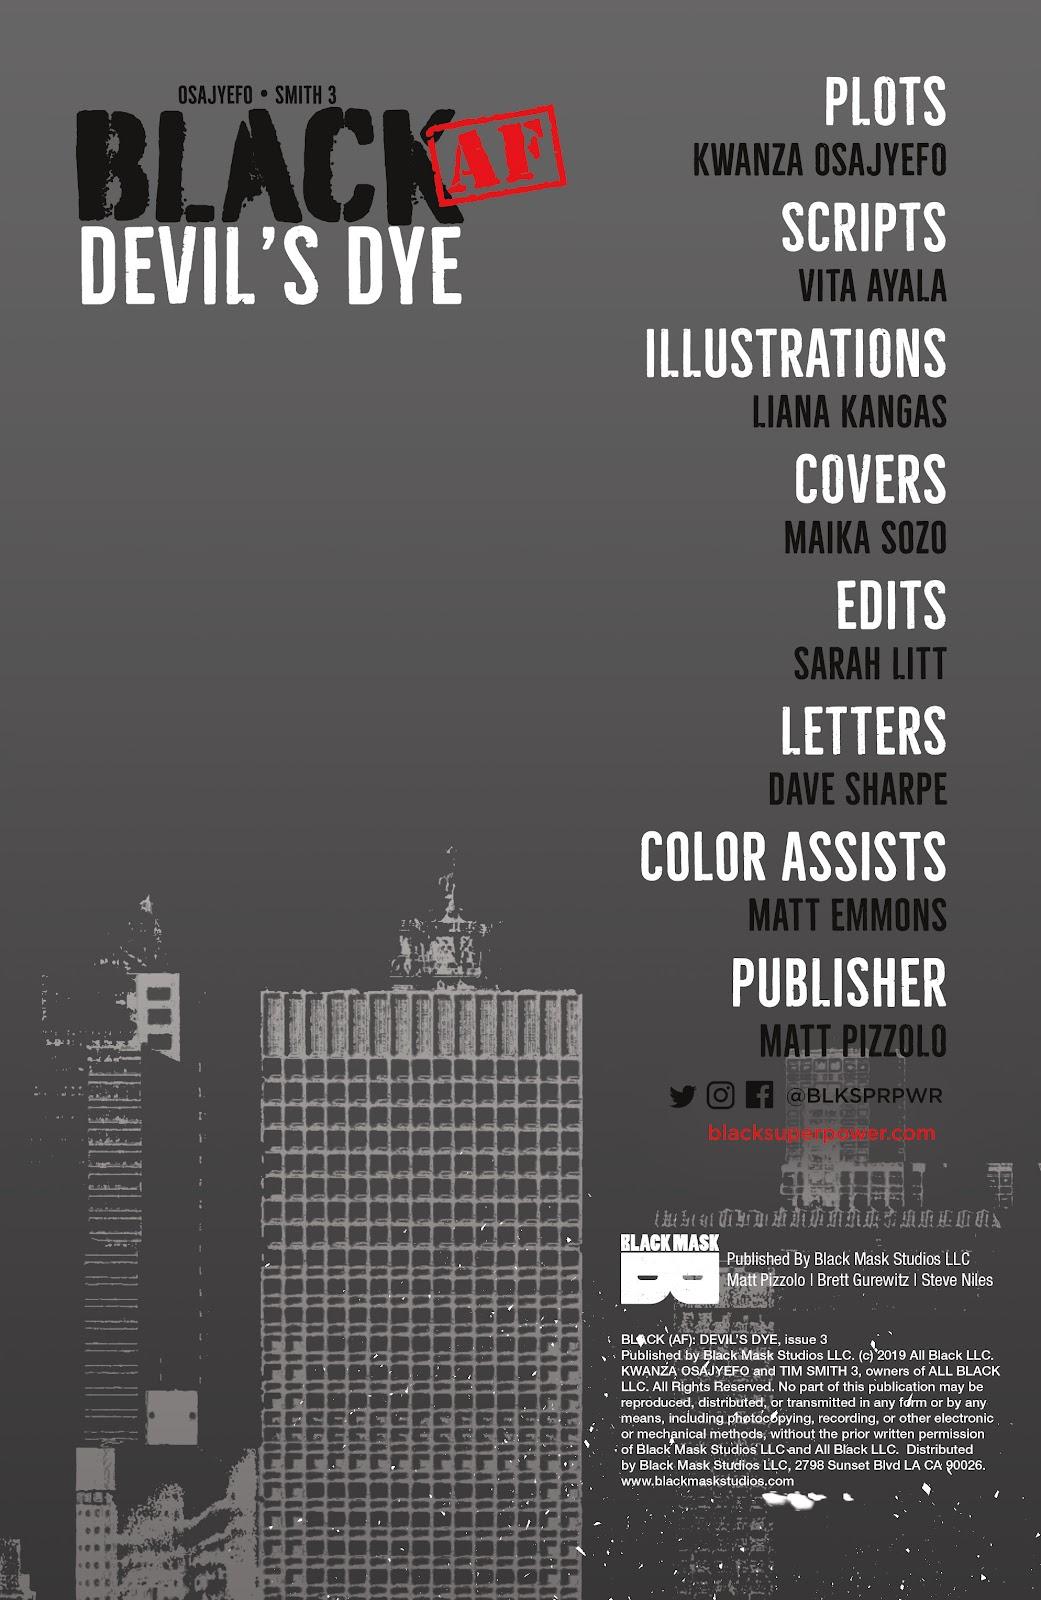 Read online Black (AF): Devil's Dye comic -  Issue #3 - 2